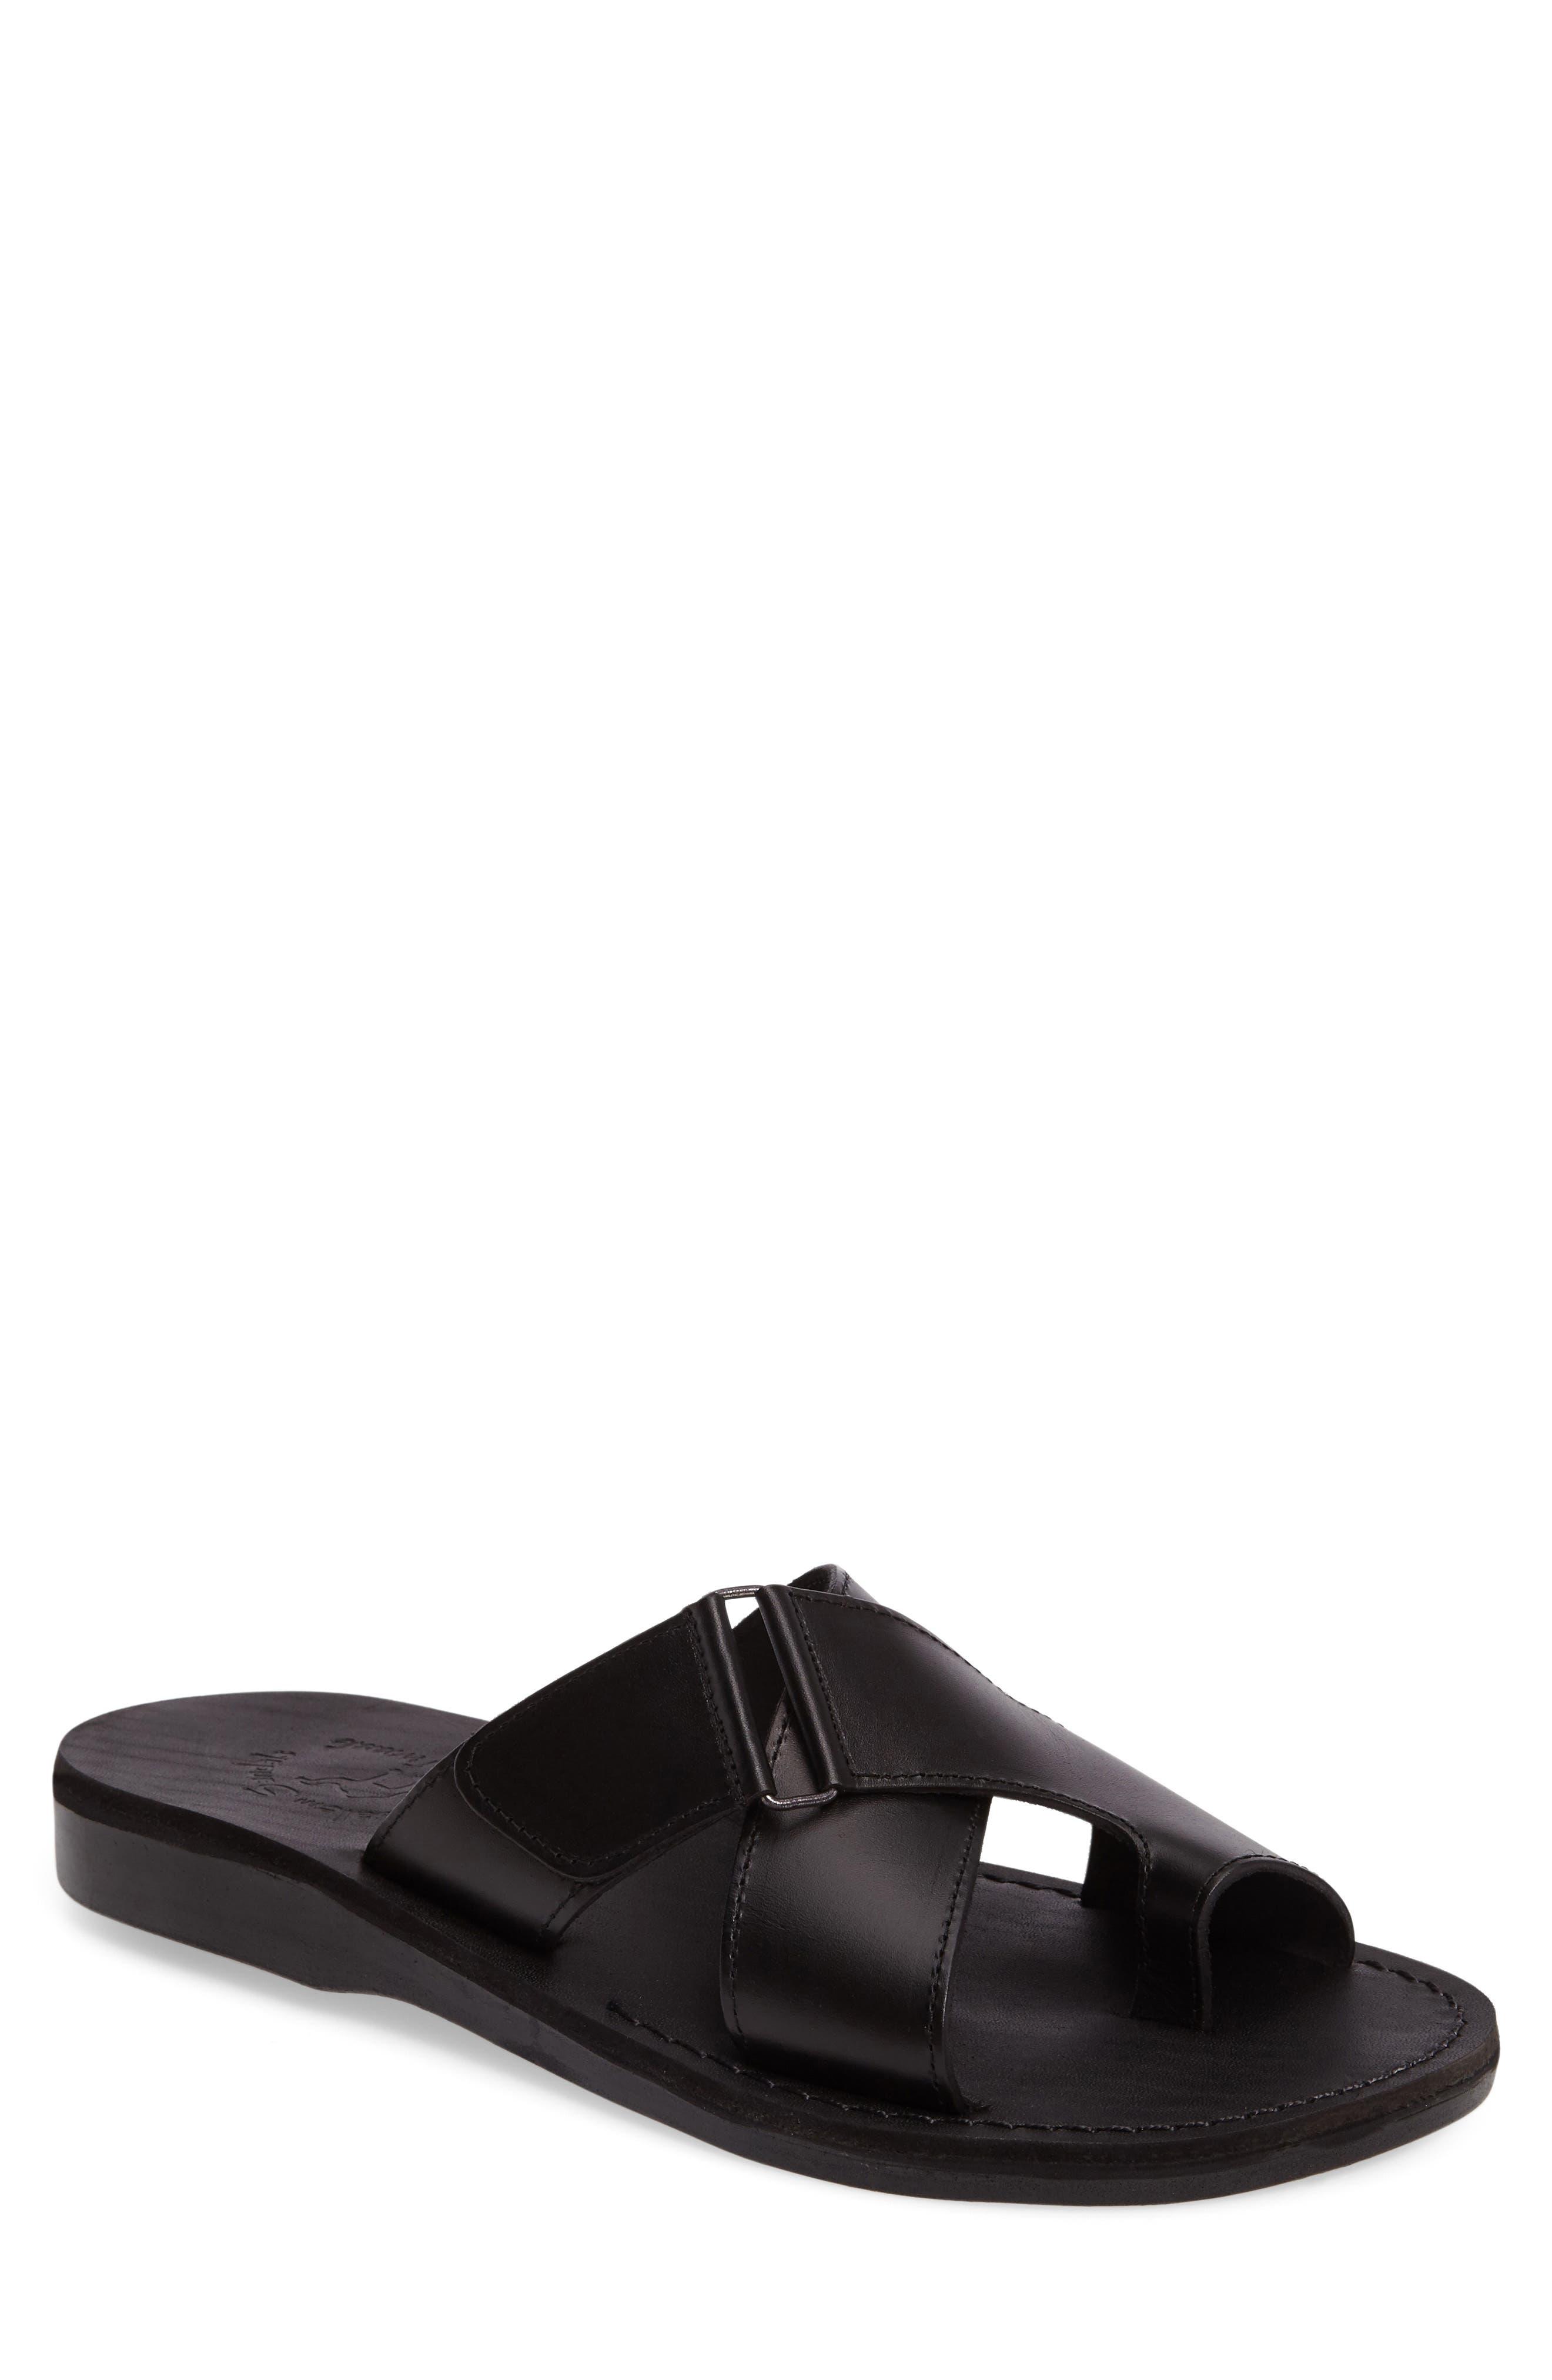 Alternate Image 1 Selected - Jerusalem Sandals Asher Slide Sandal (Men)